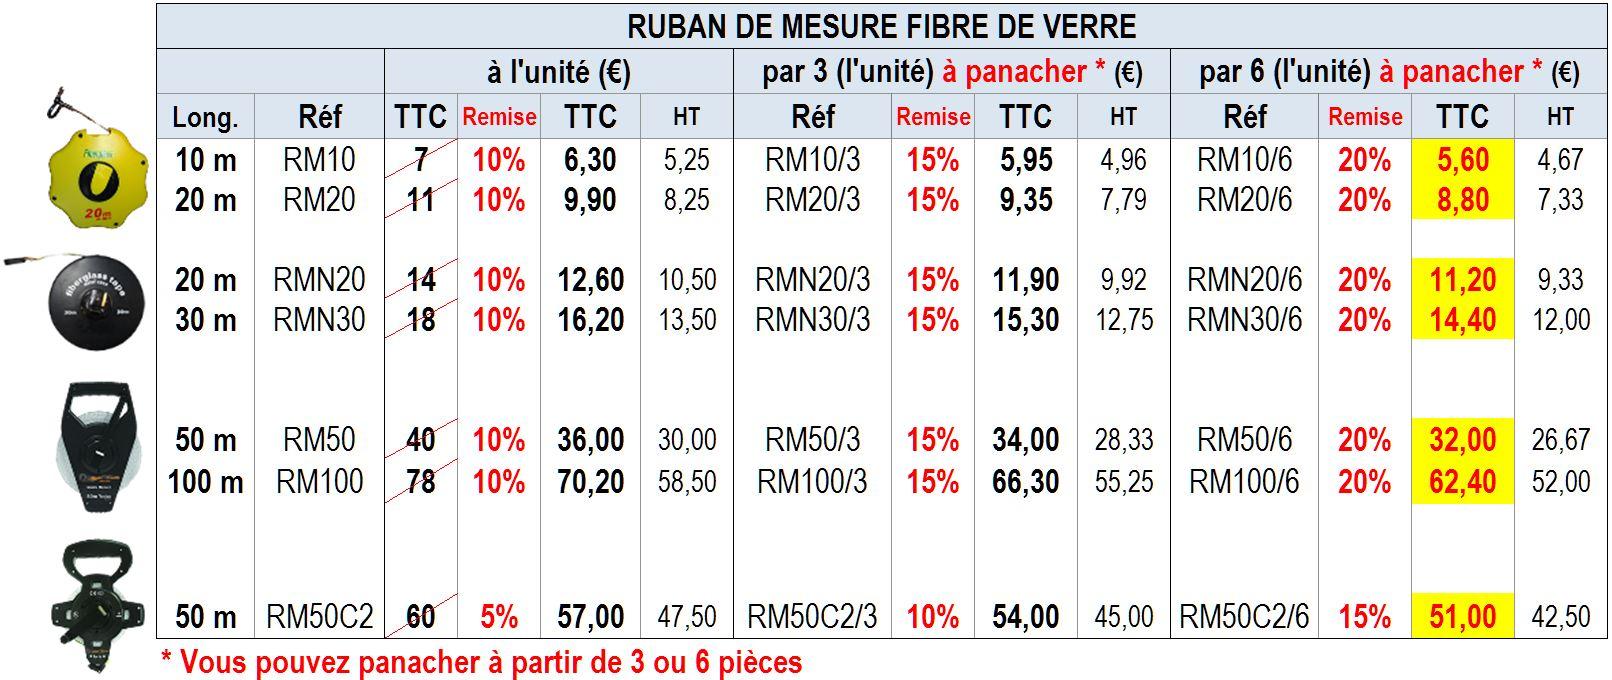 RUBANS DE MESURE FIBRE DE VERRE